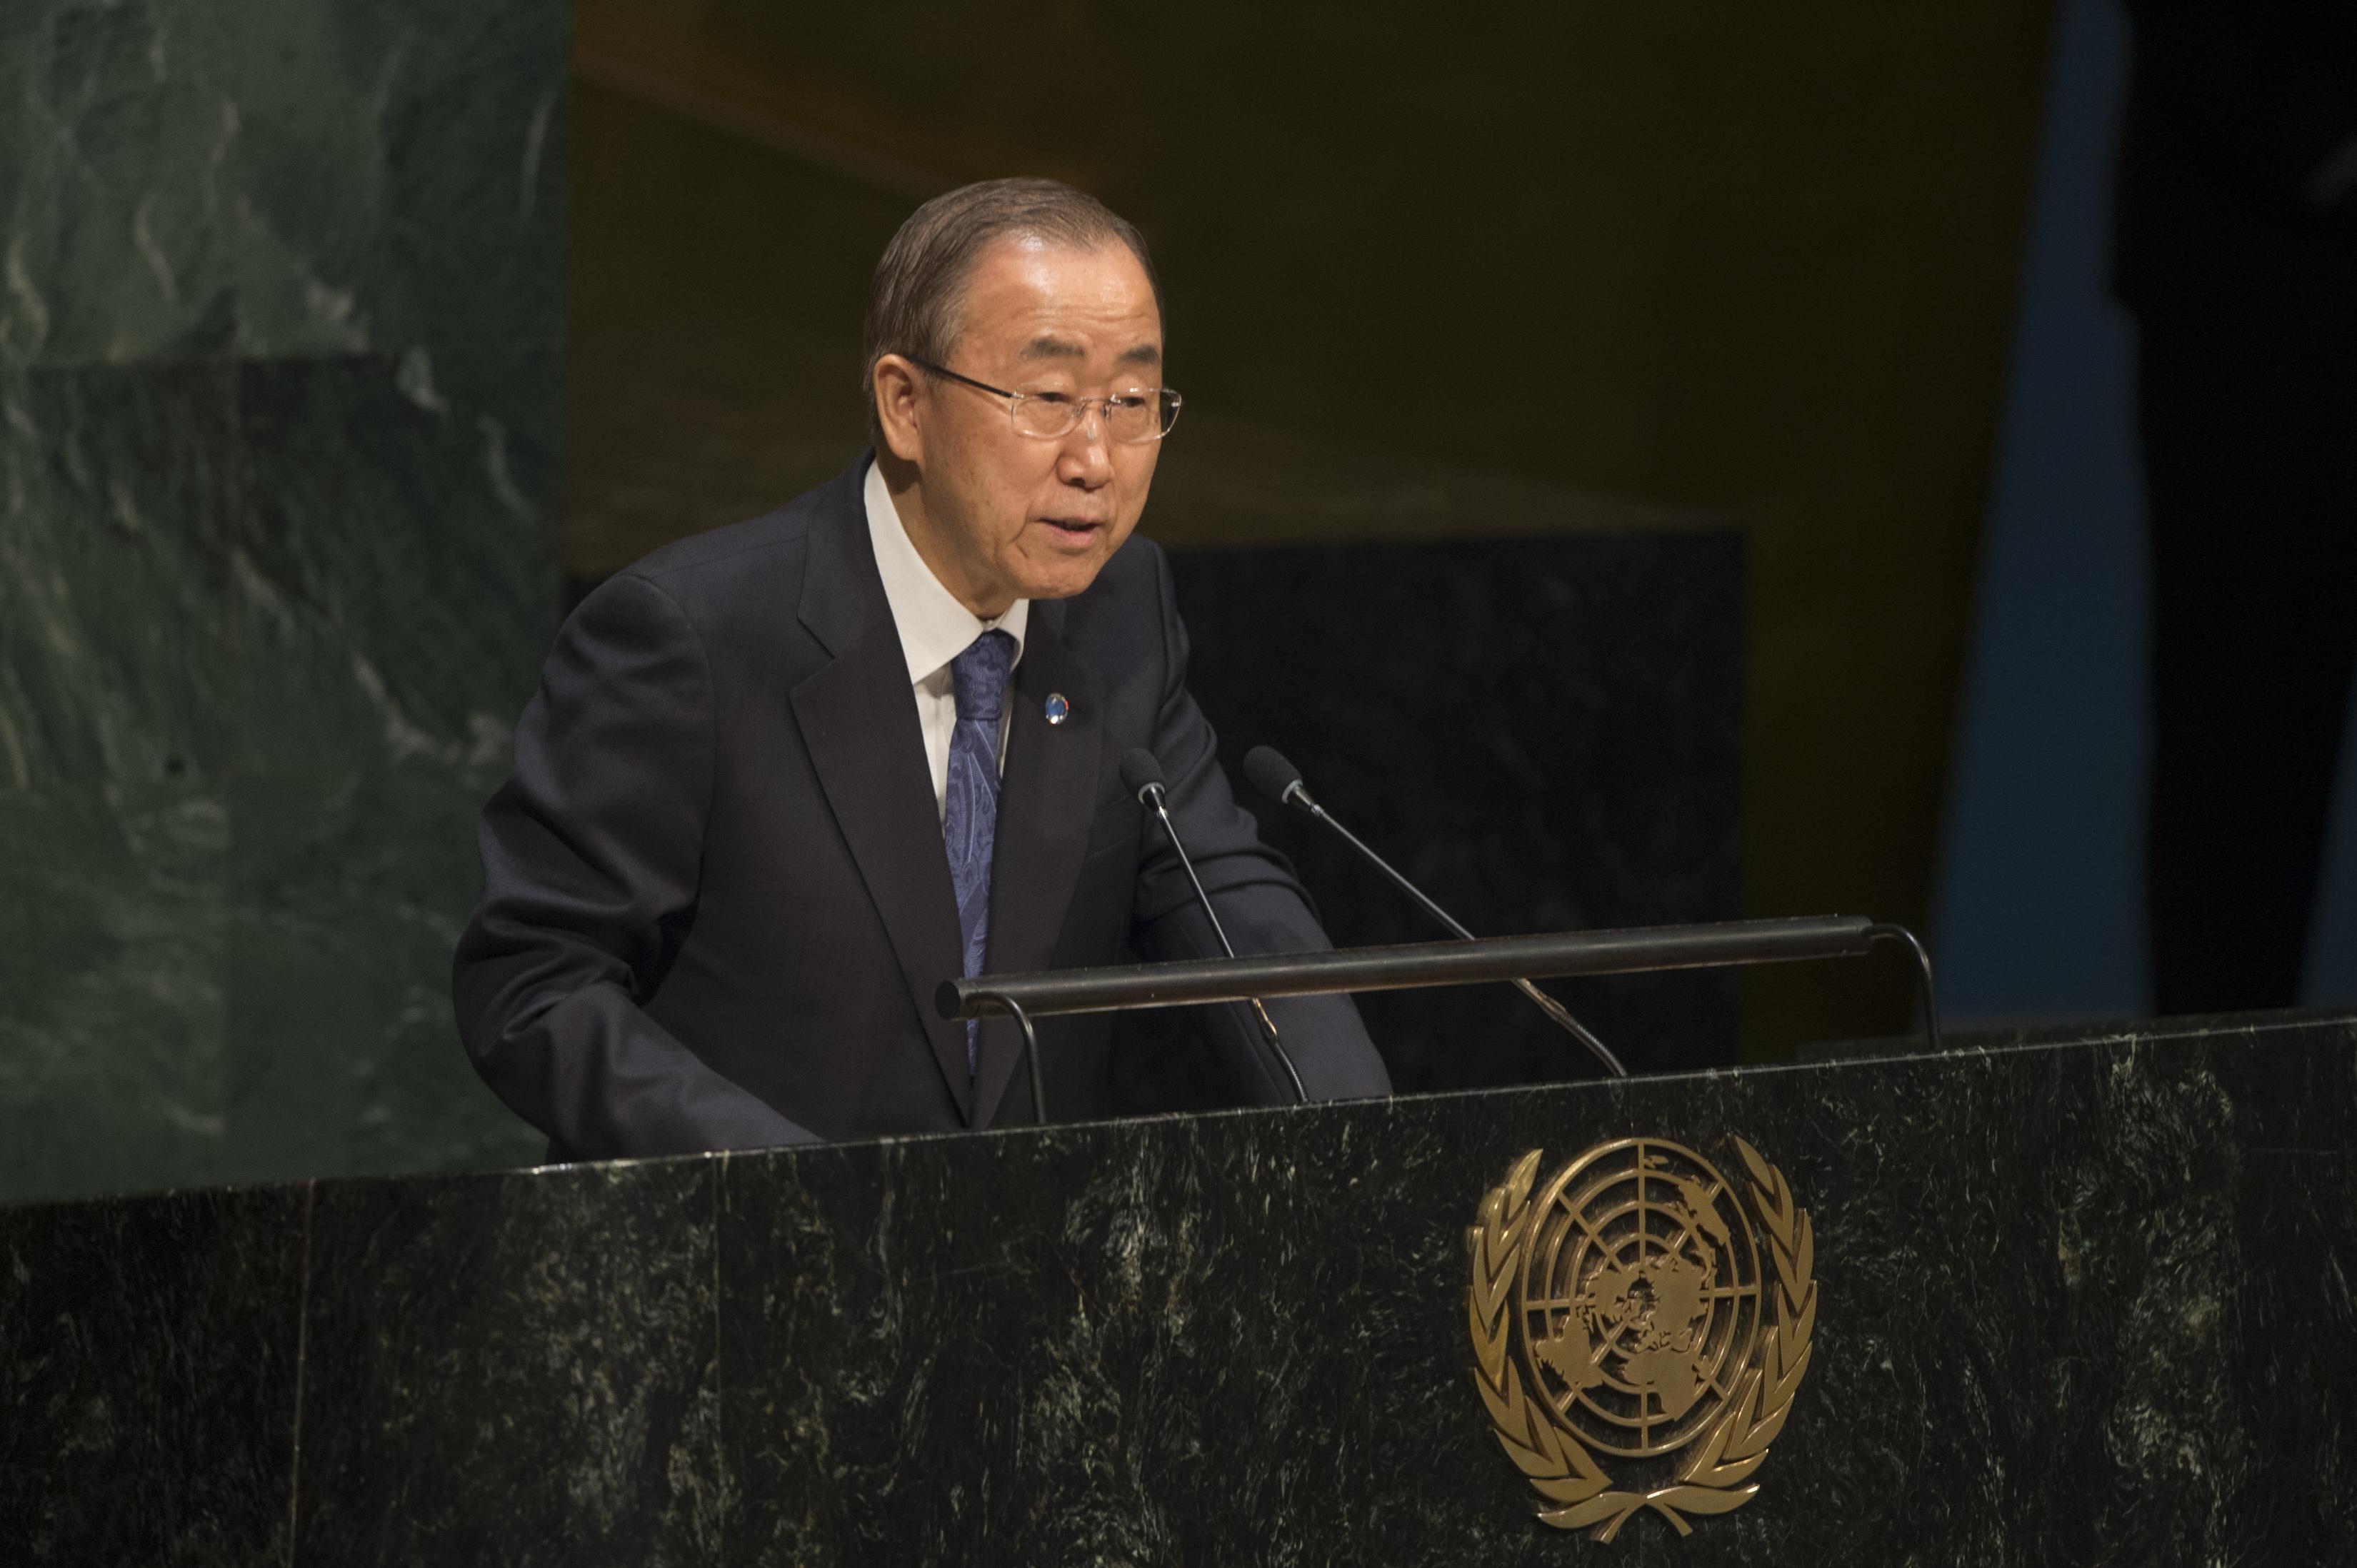 COP21 começa com promessa de novo acordo climático internacional